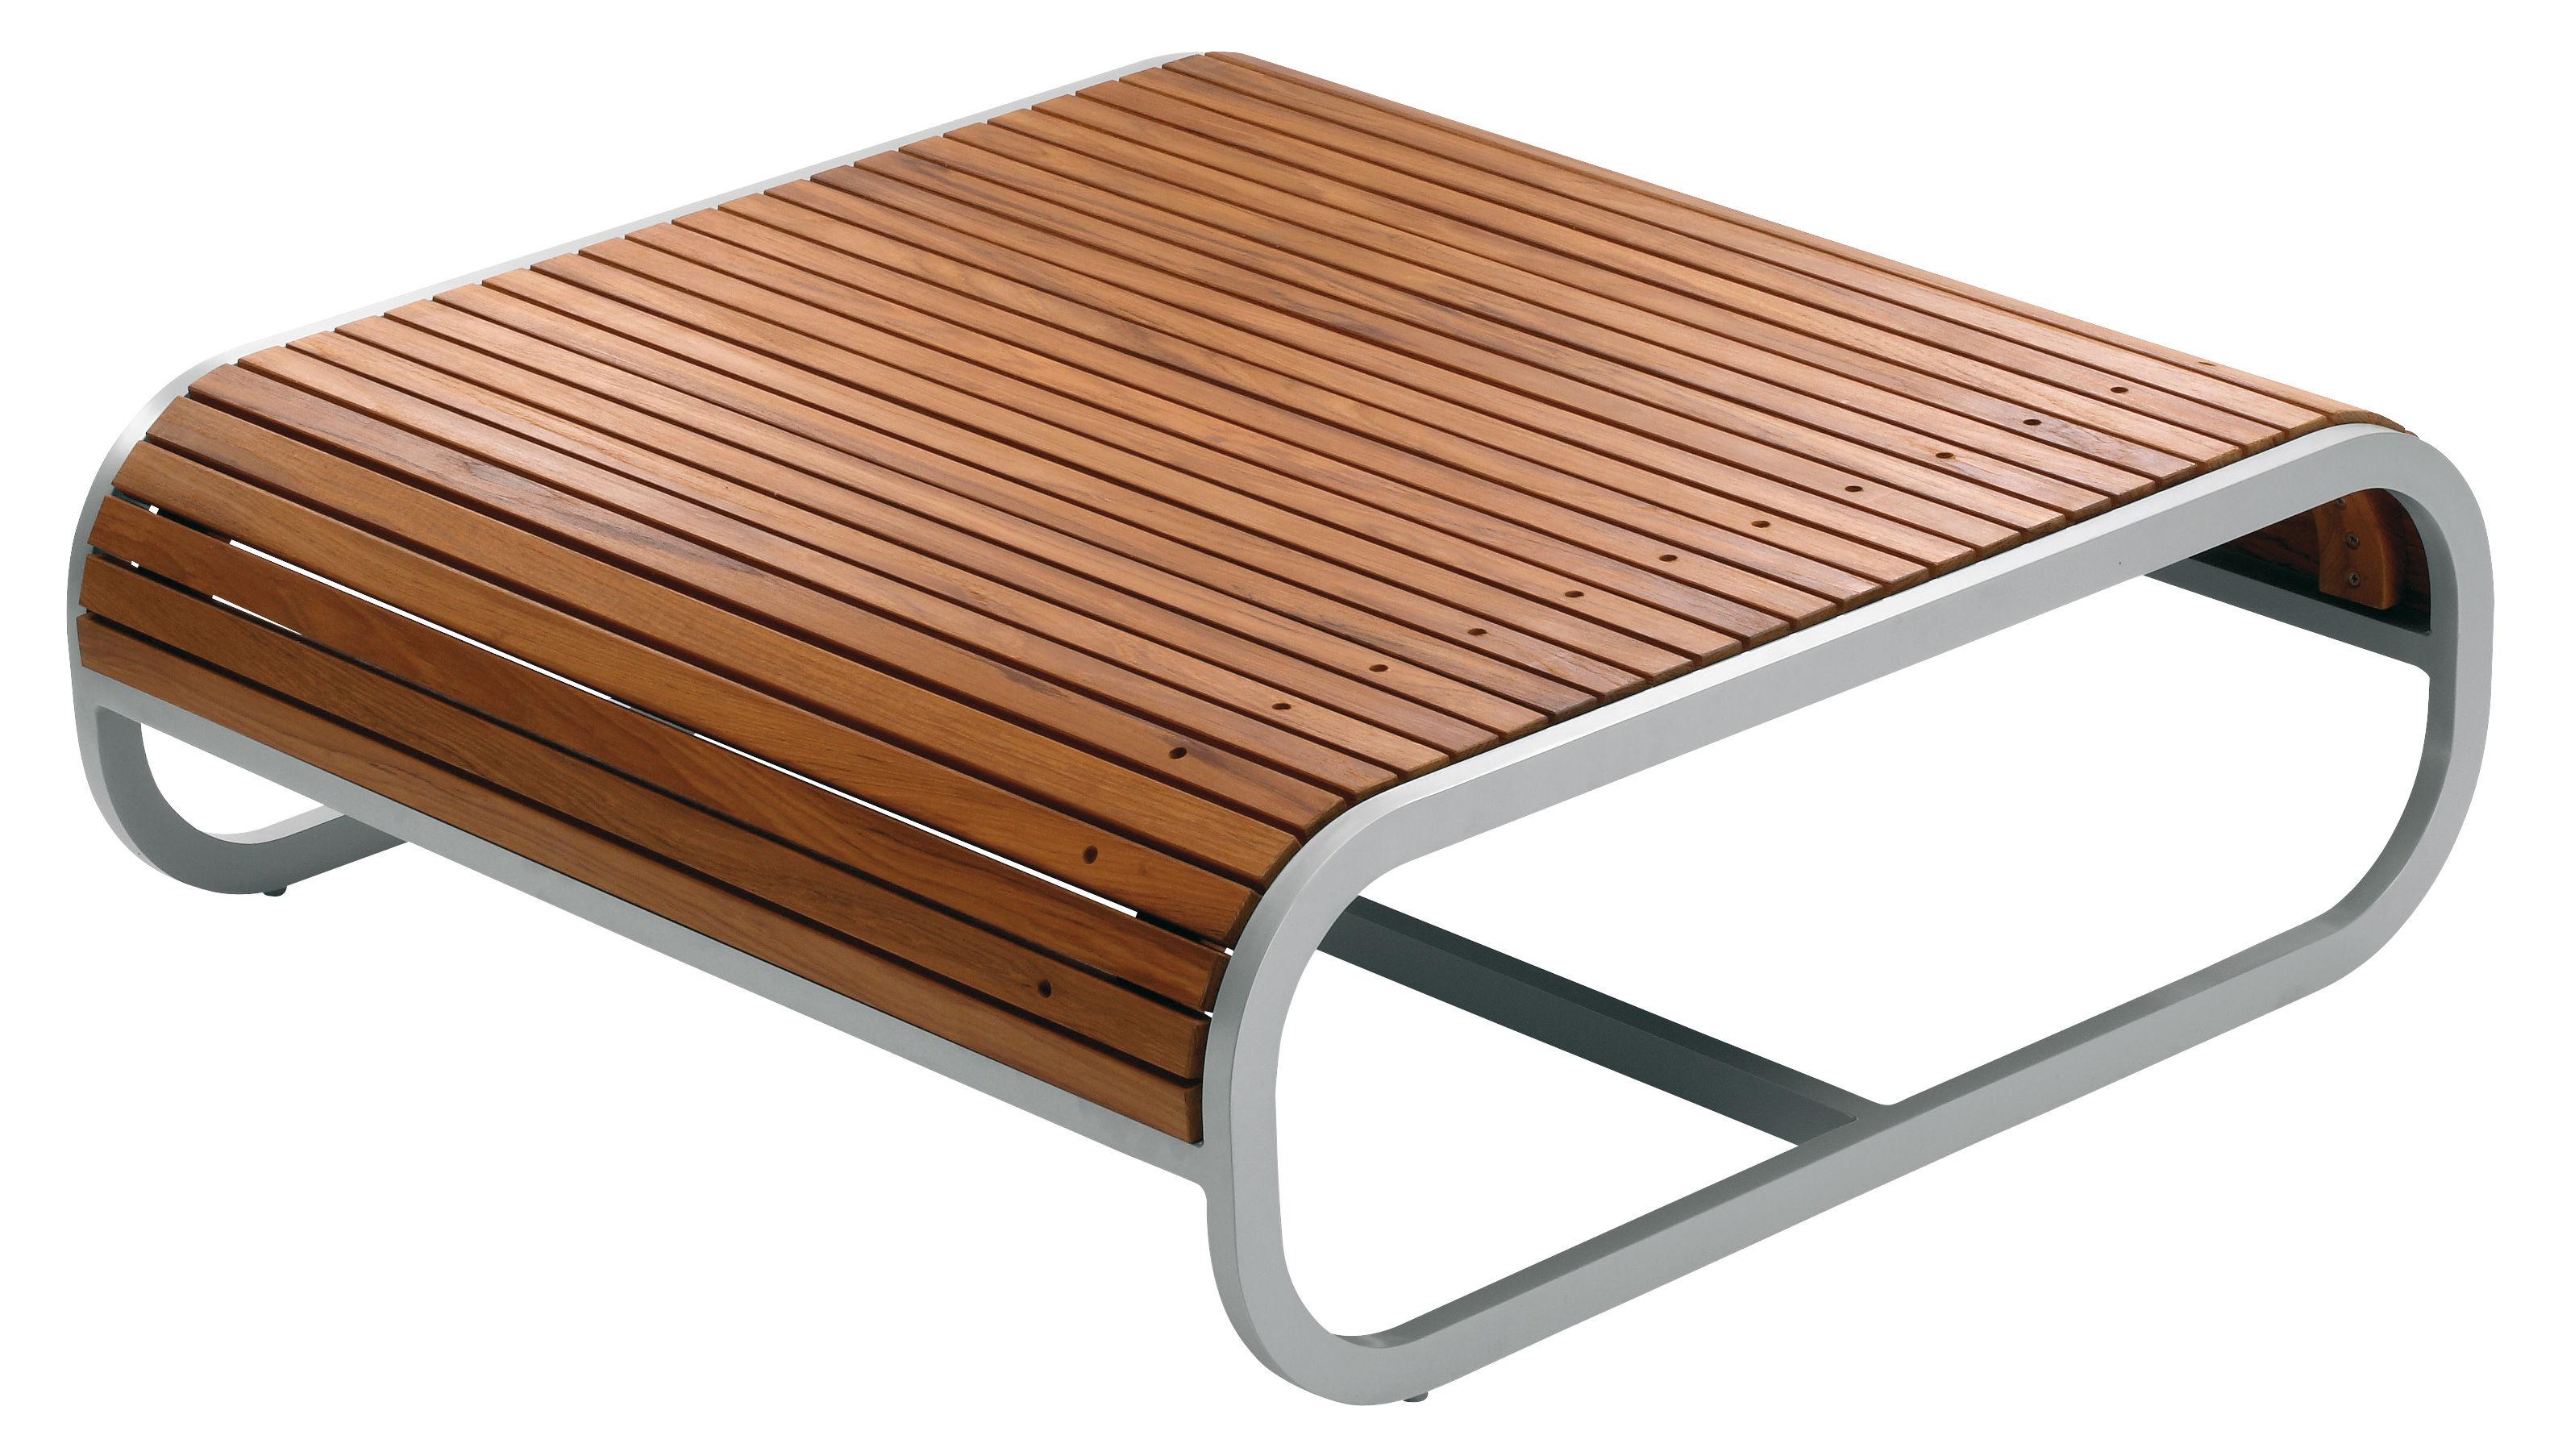 Möbel - Couchtische - Tandem Couchtisch Teak-Ausführung - EGO Paris - Teak - lackiertes Aluminium, Teakholz